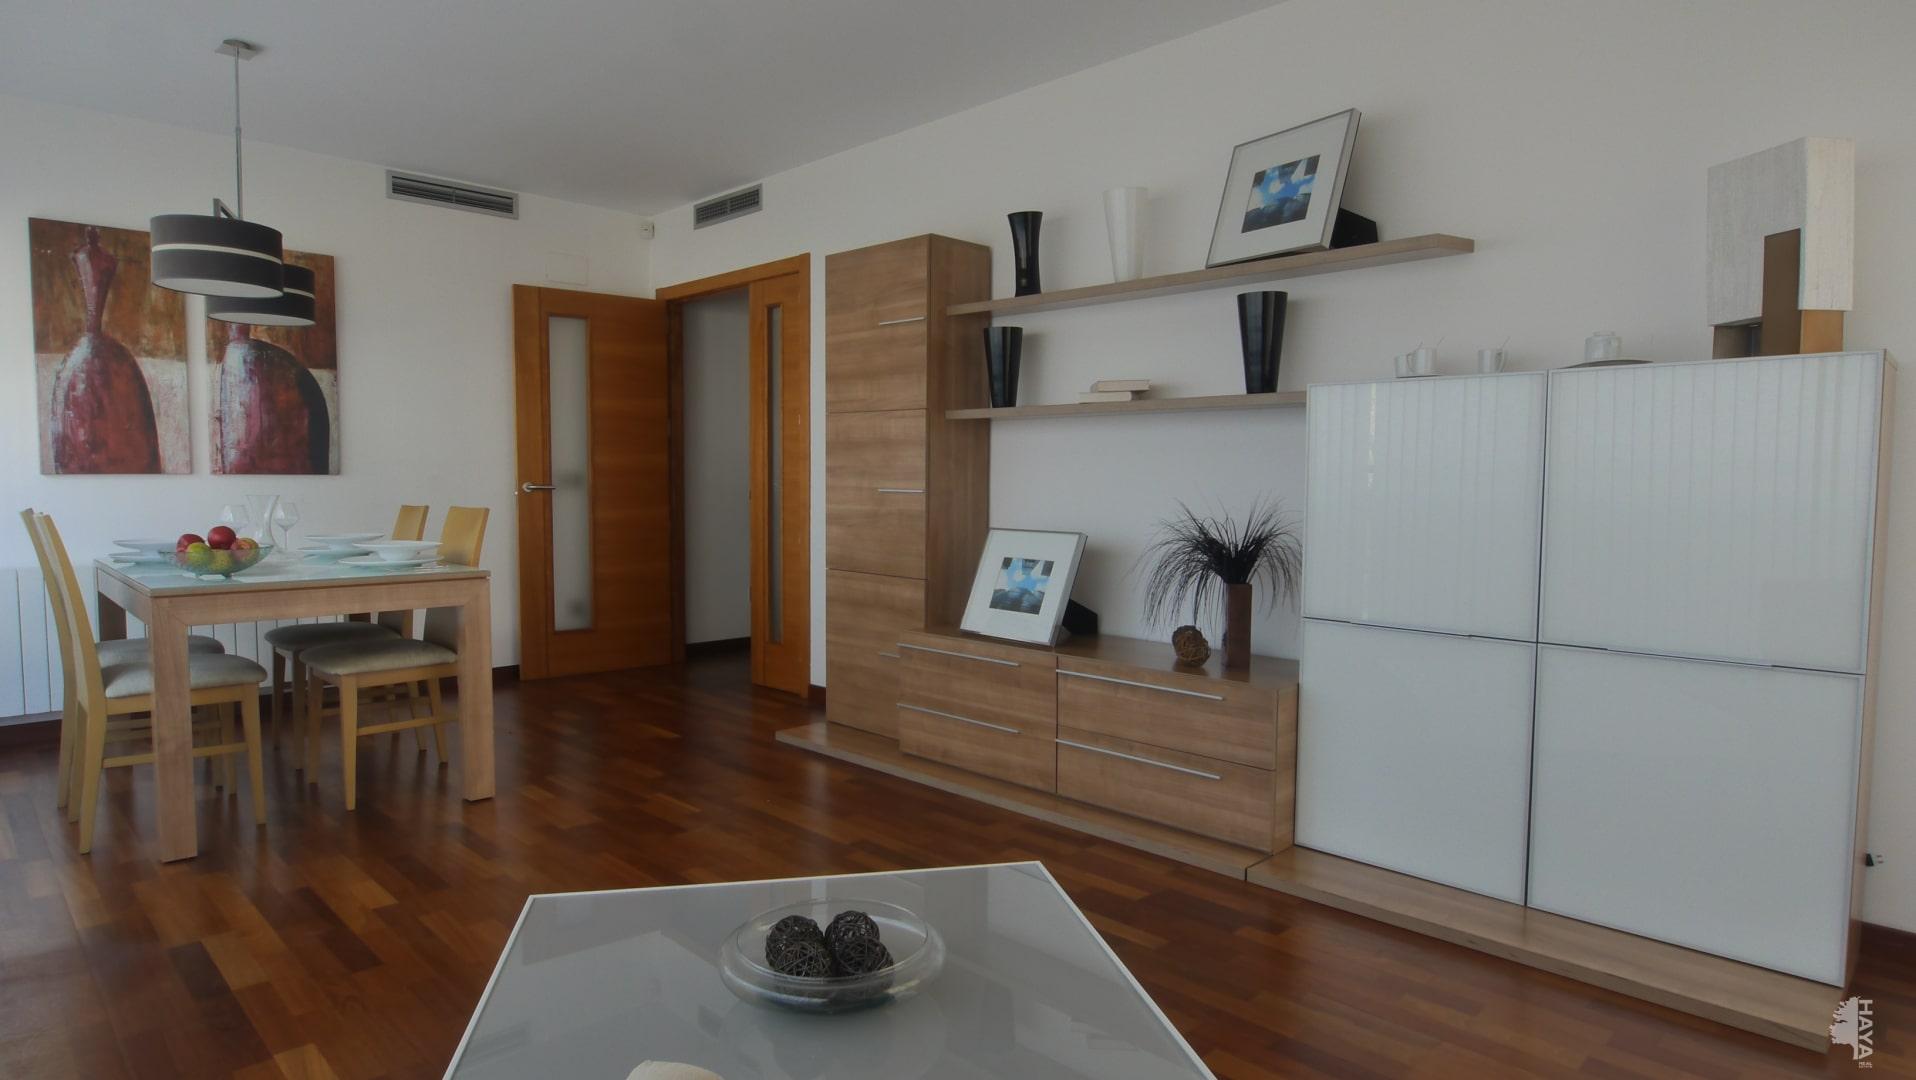 Piso en venta en Castellón de la Plana/castelló de la Plana, Castellón, Avenida Villarreal, 99.000 €, 1 habitación, 1 baño, 55 m2